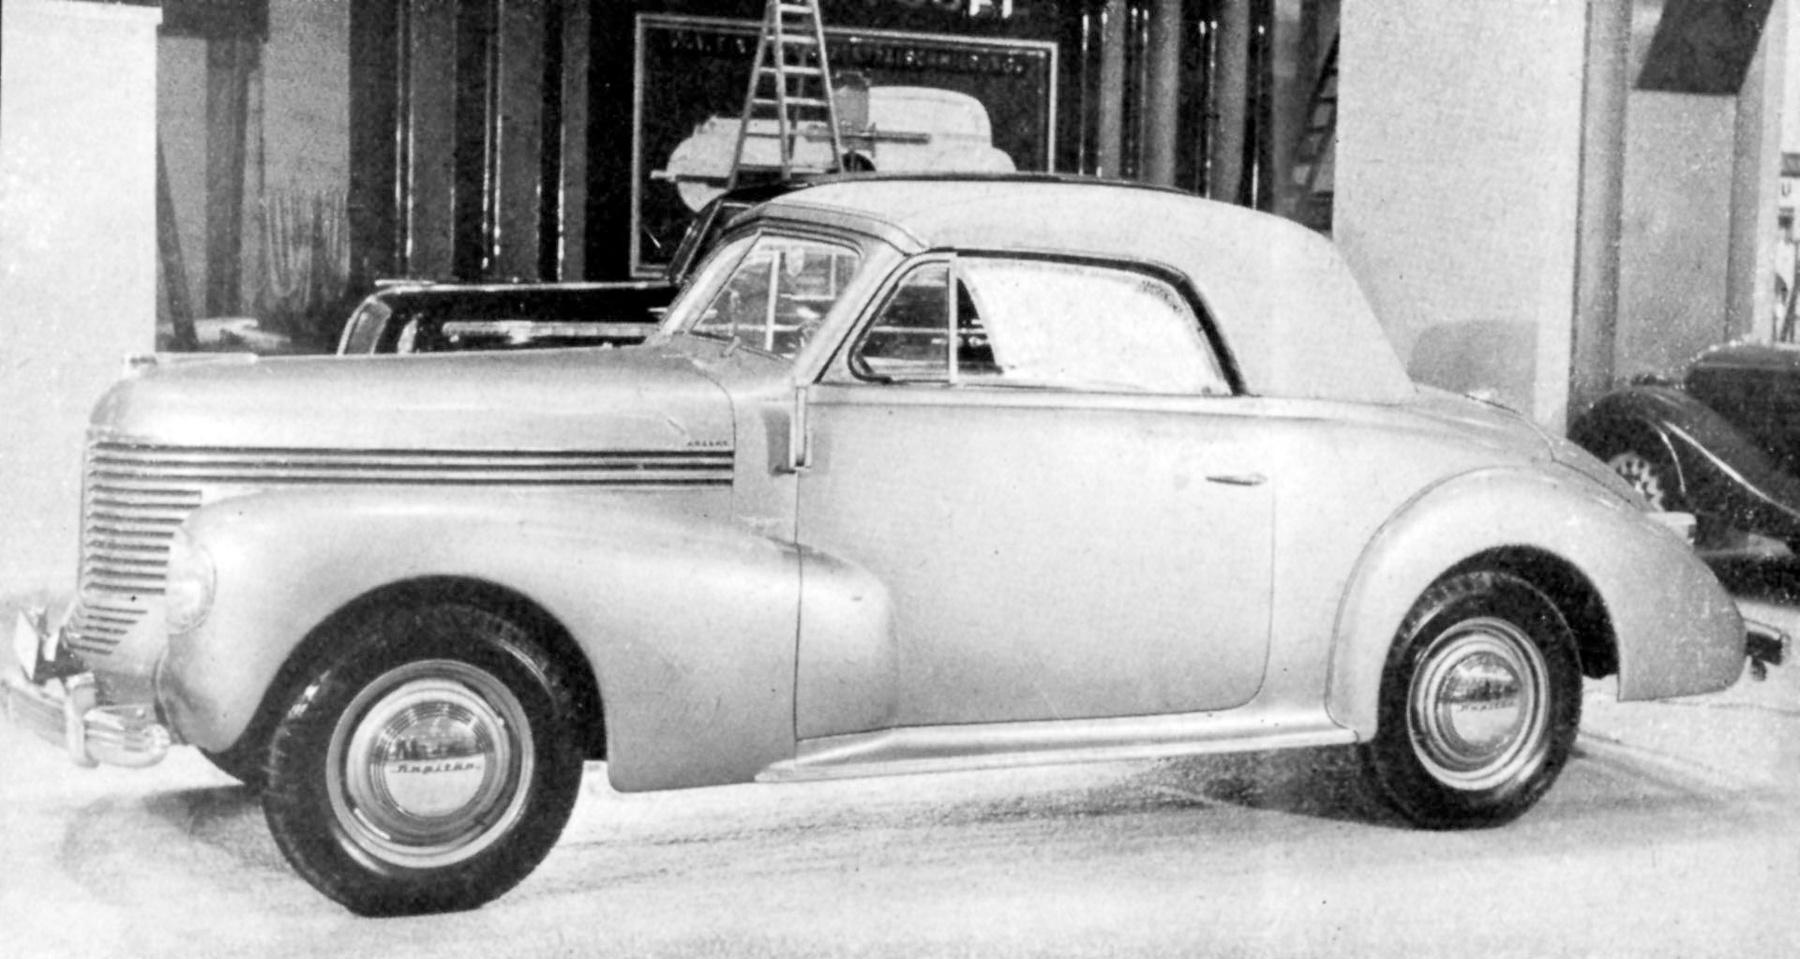 1959-ben jelent meg a fecskefarok